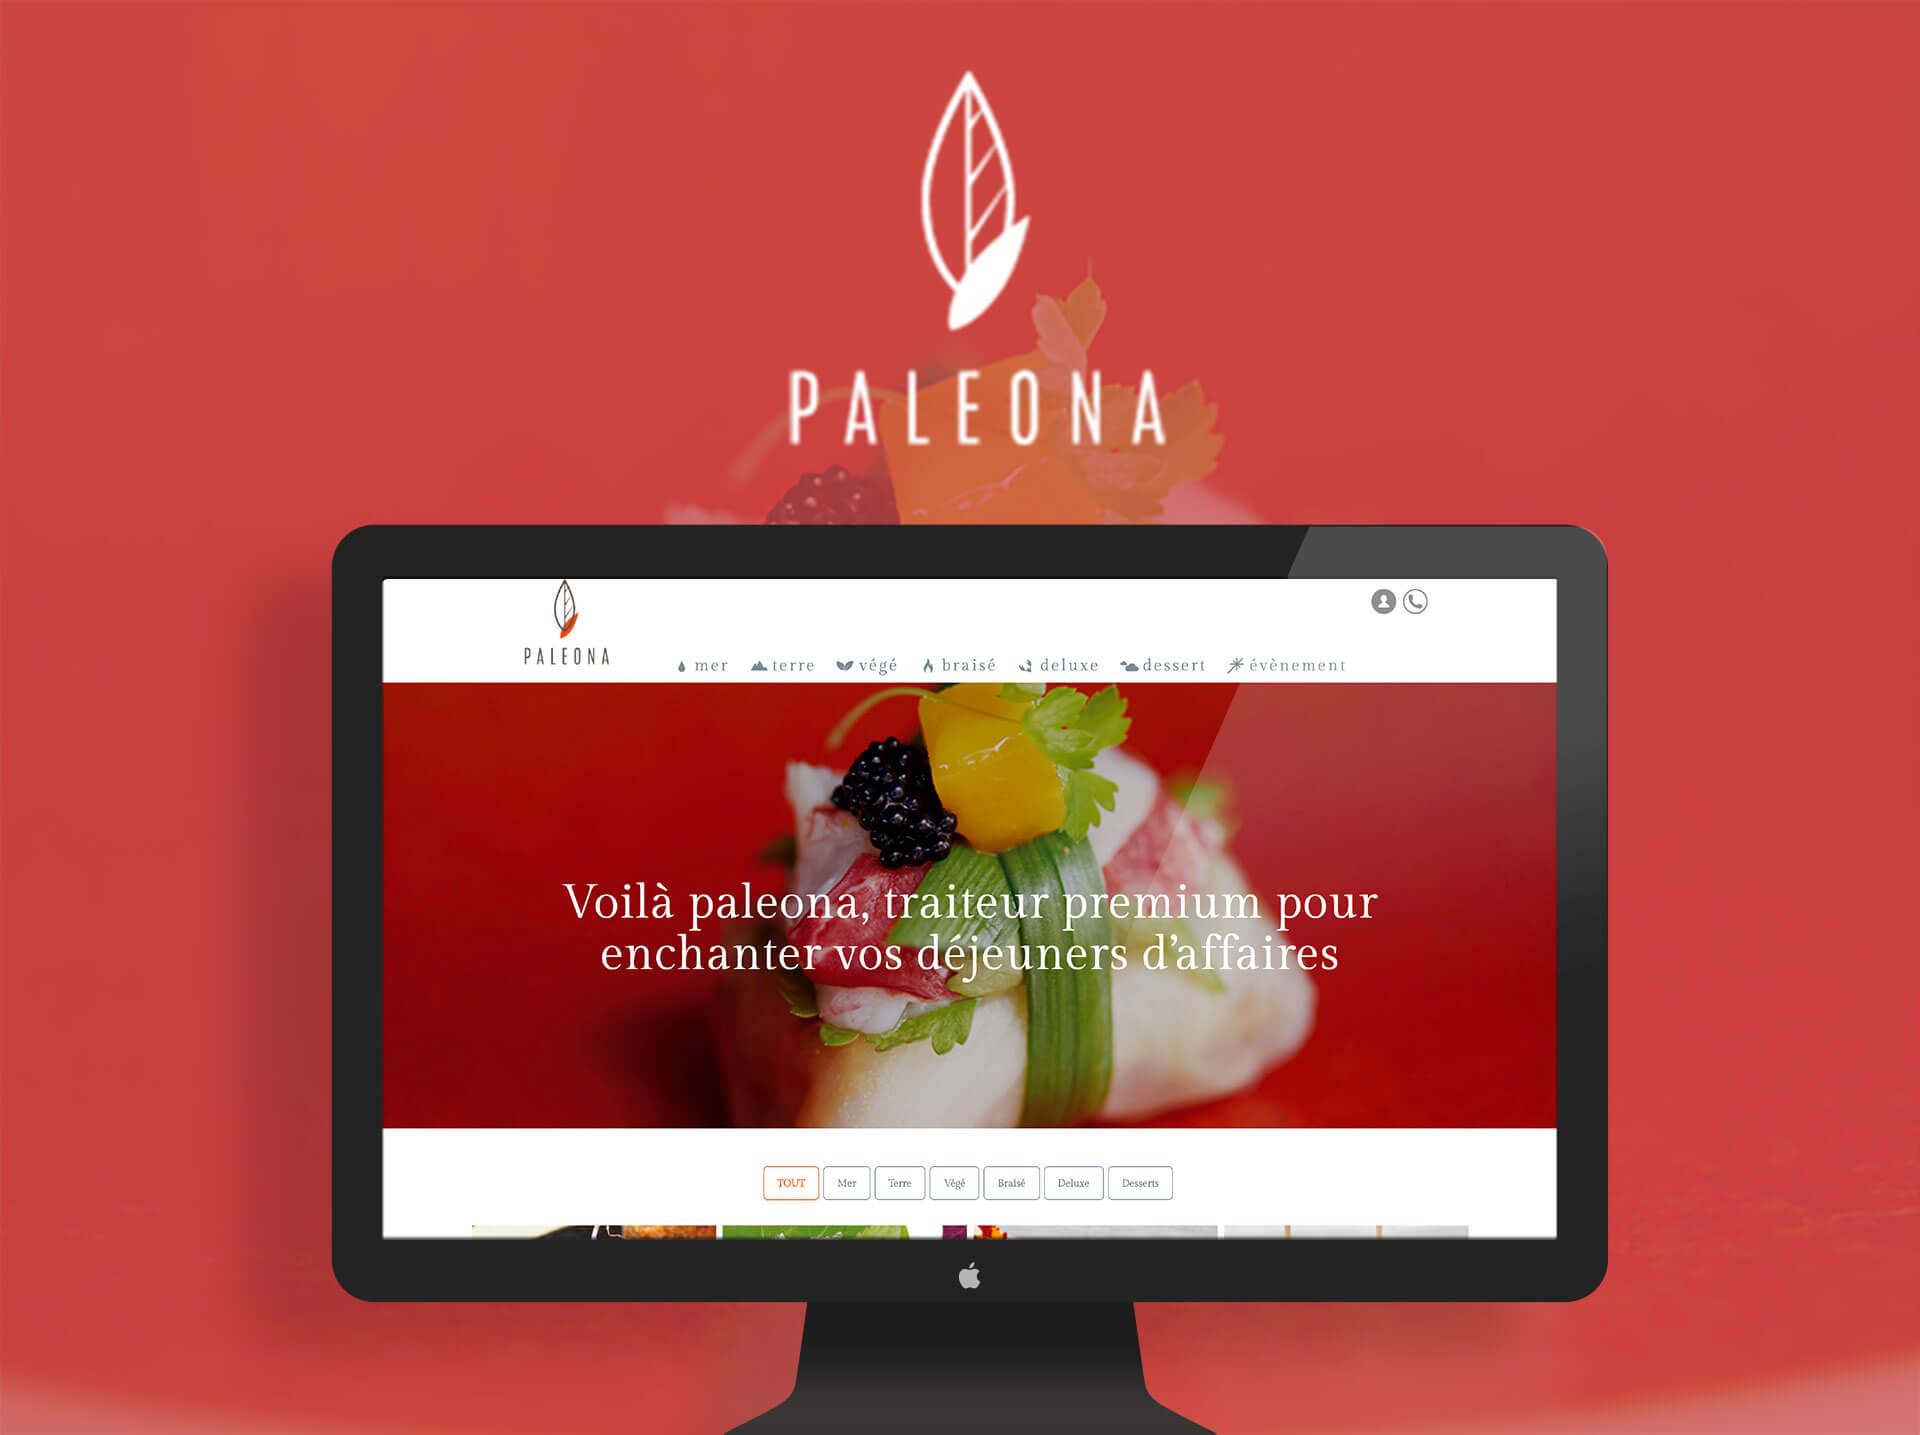 Paleona